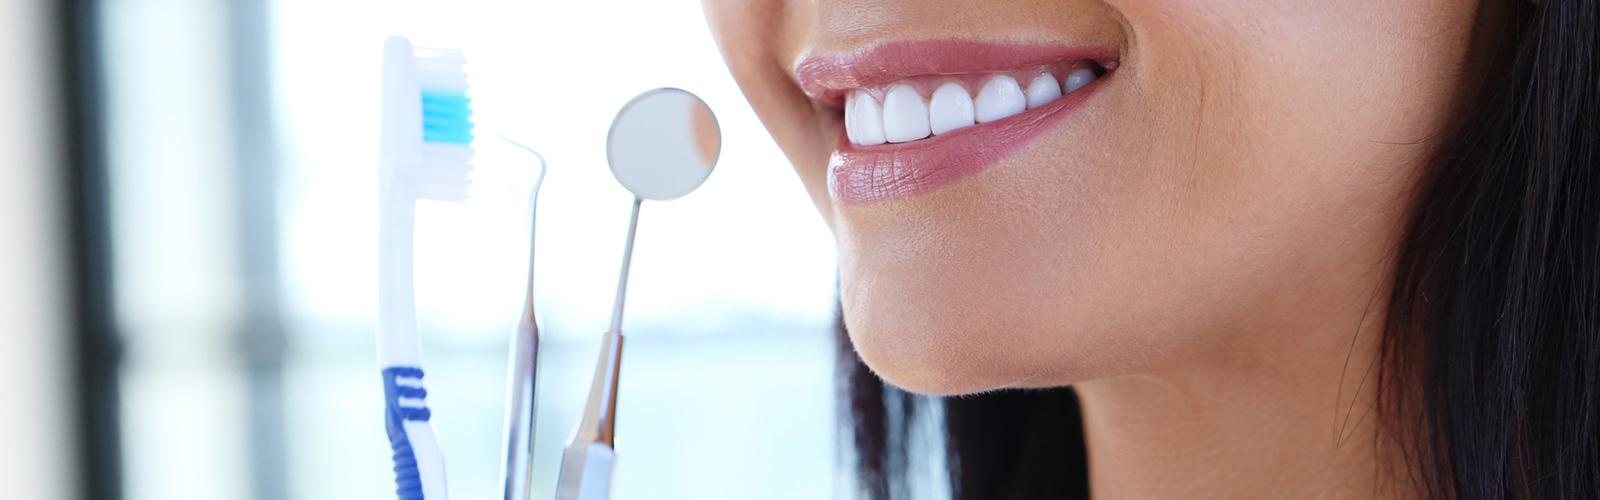 Kobieta trzymająca przyrządy dentystyczne